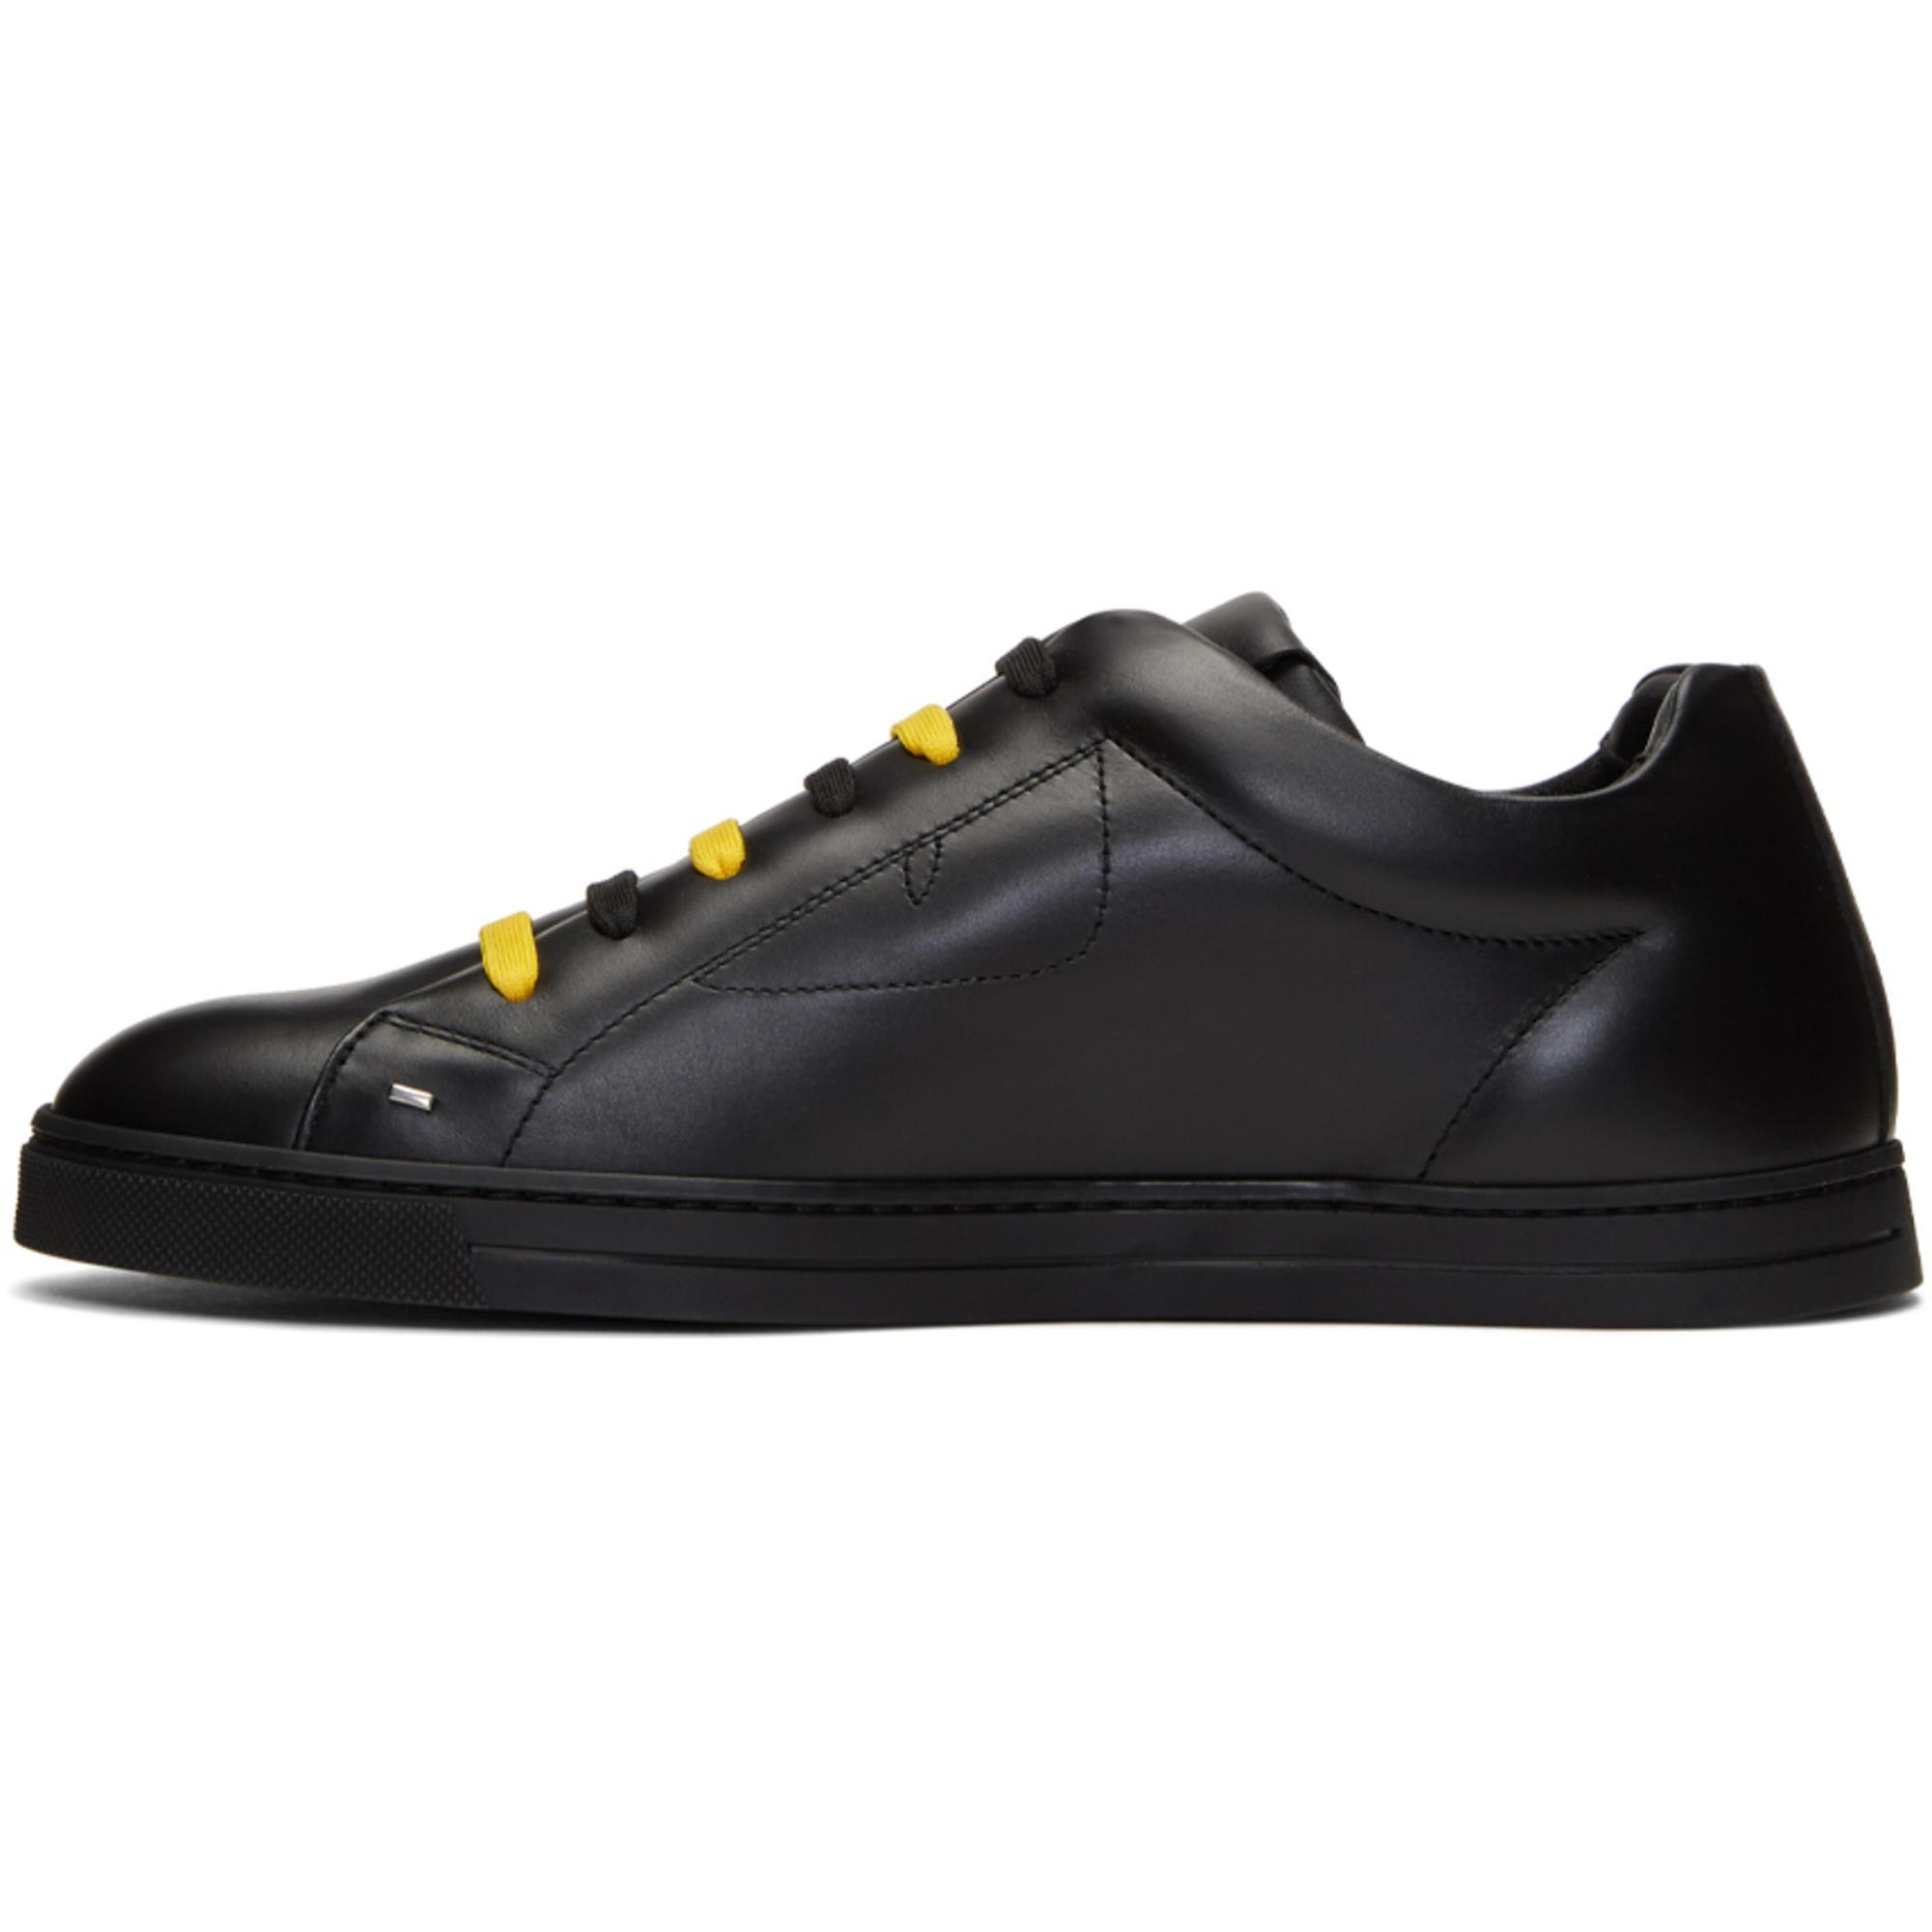 1b431d5cf7 Lyst - Fendi Black   Yellow  bag Bugs  Sneakers in Black for Men